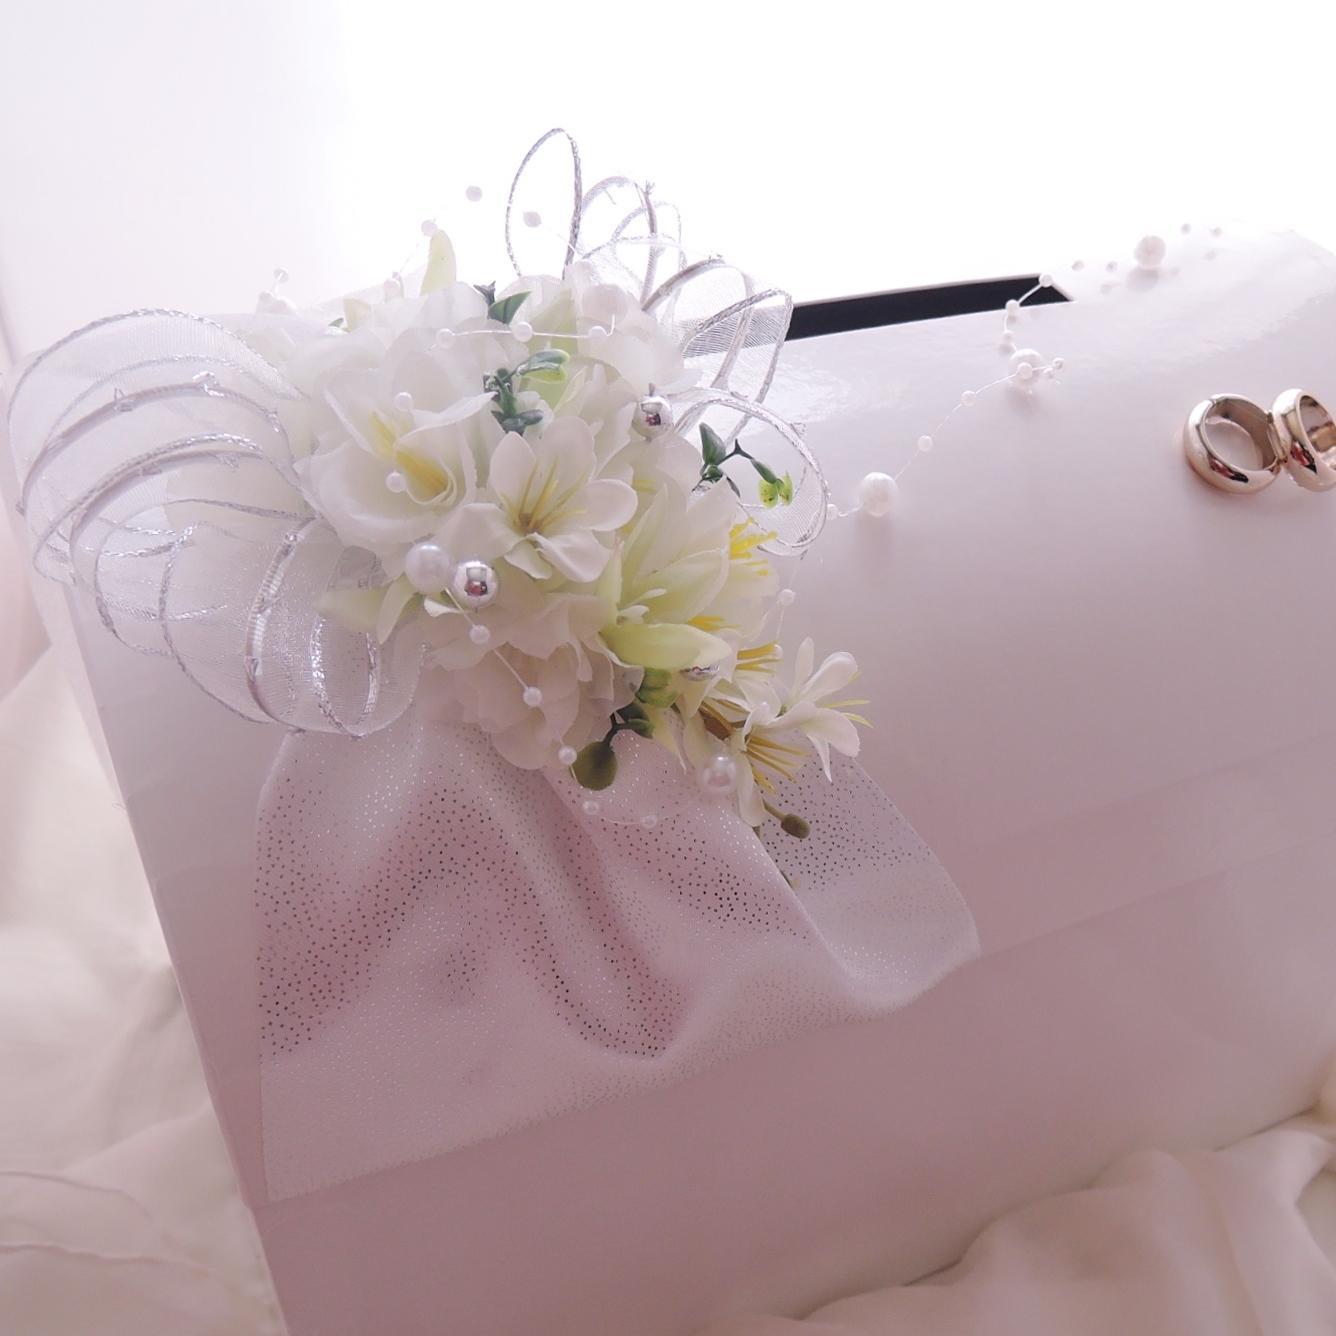 svatební pokladnička velká - stříbrná  pouze půjčení - Obrázek č. 1